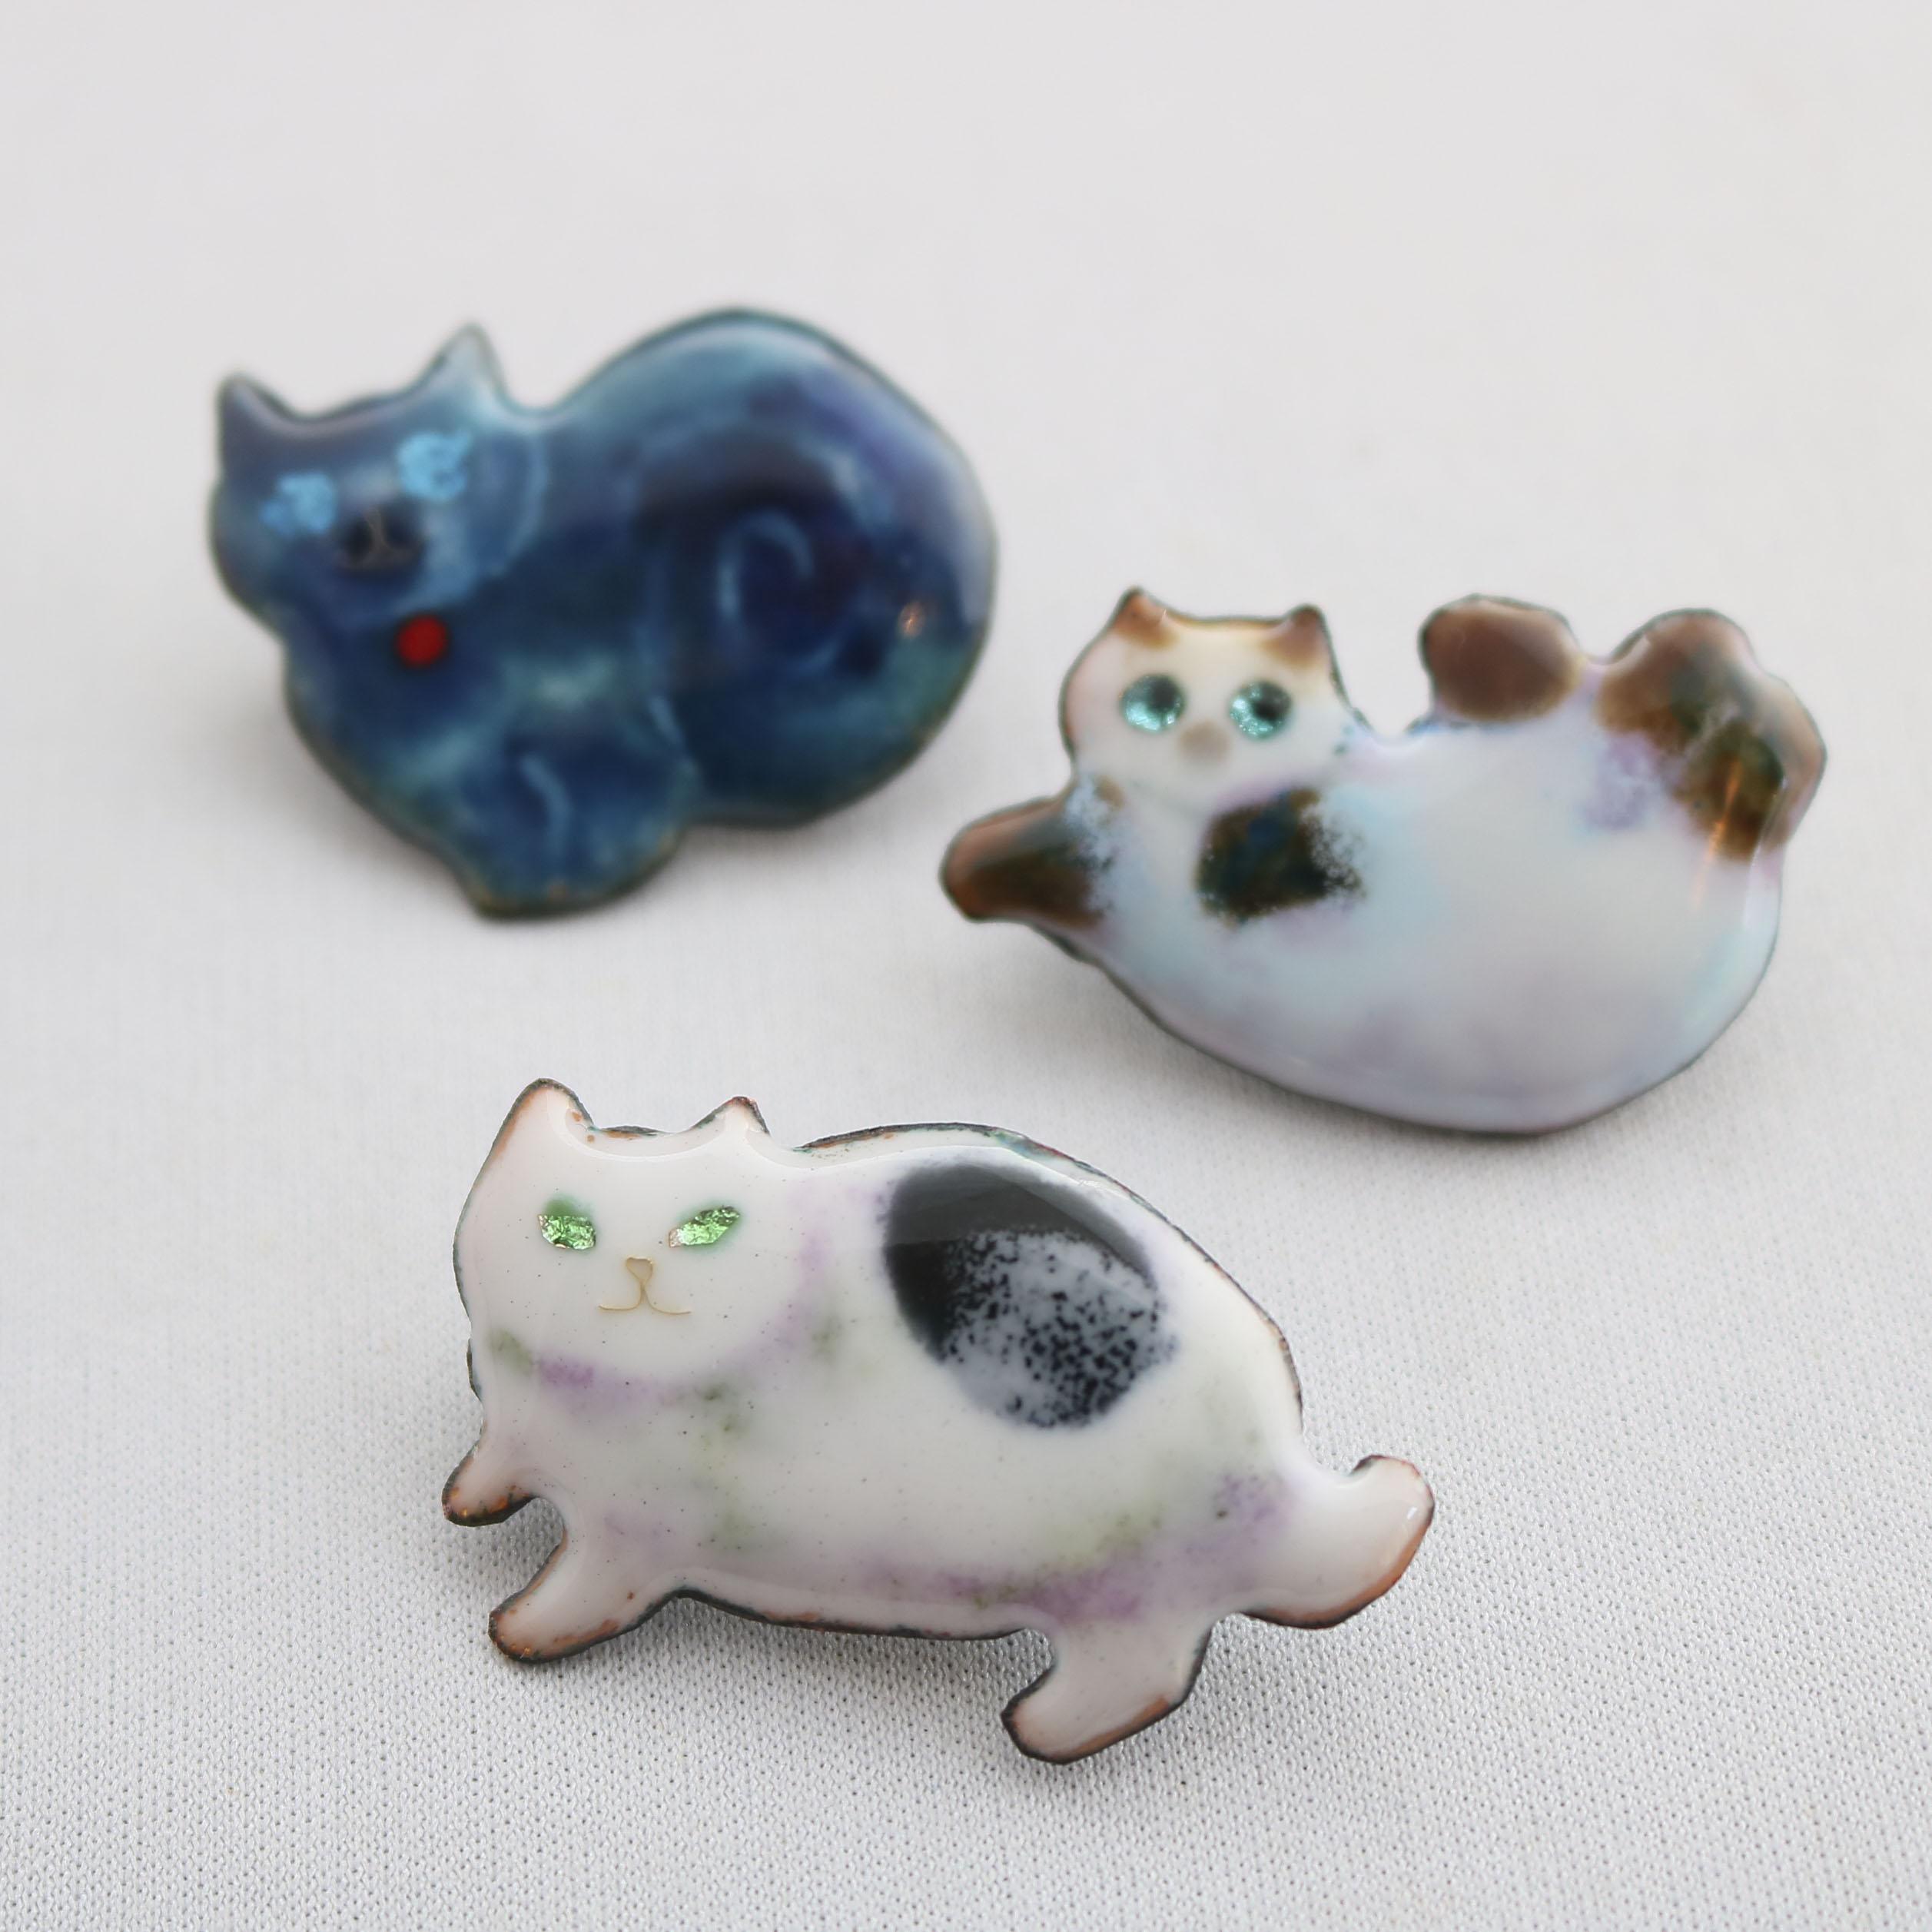 秋田 かぎしっぽ 猫雑貨 猫グッズ ハンドメイド ブローチ 七宝焼き